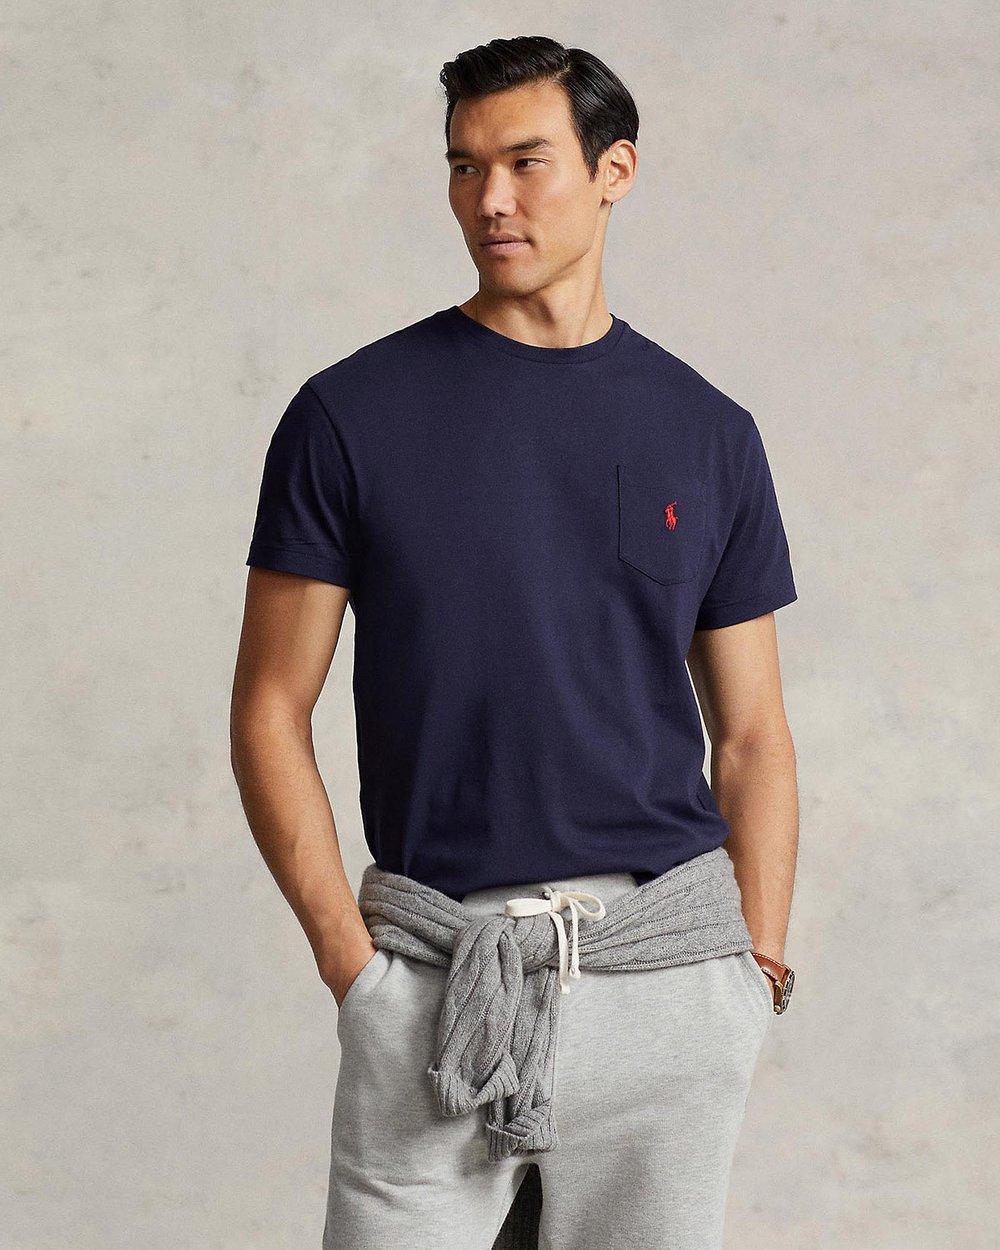 ralph lauren teashirts xxl short sleeves